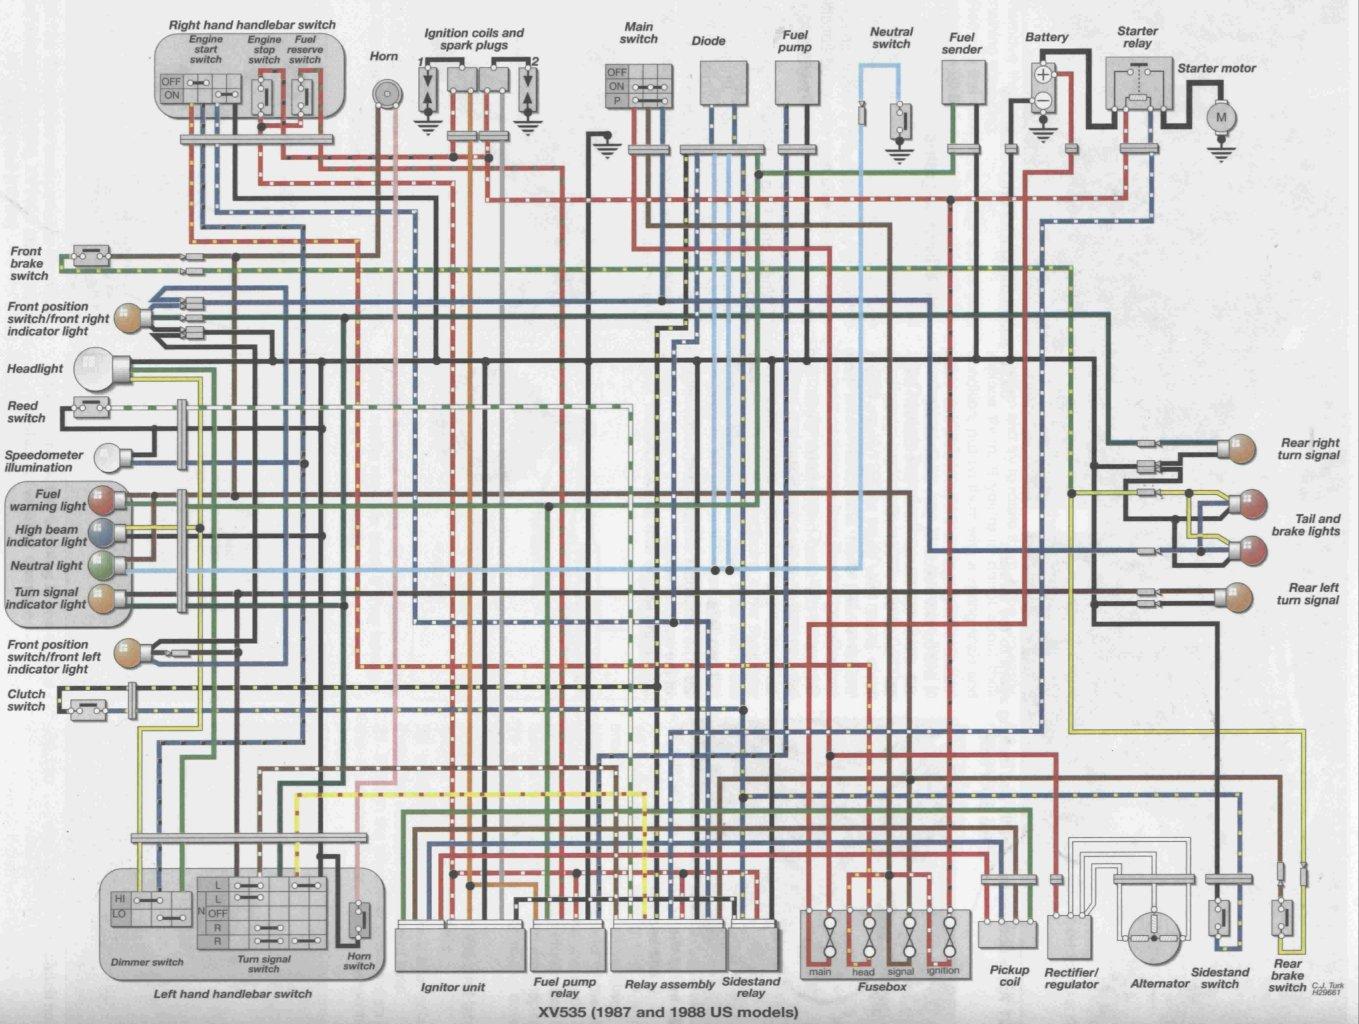 87_88_us_XV535?resize=750%2C565 diagrams xv750 wiring diagram 1985 xv750 wiring diagram 1985 xv750 wiring diagram at aneh.co